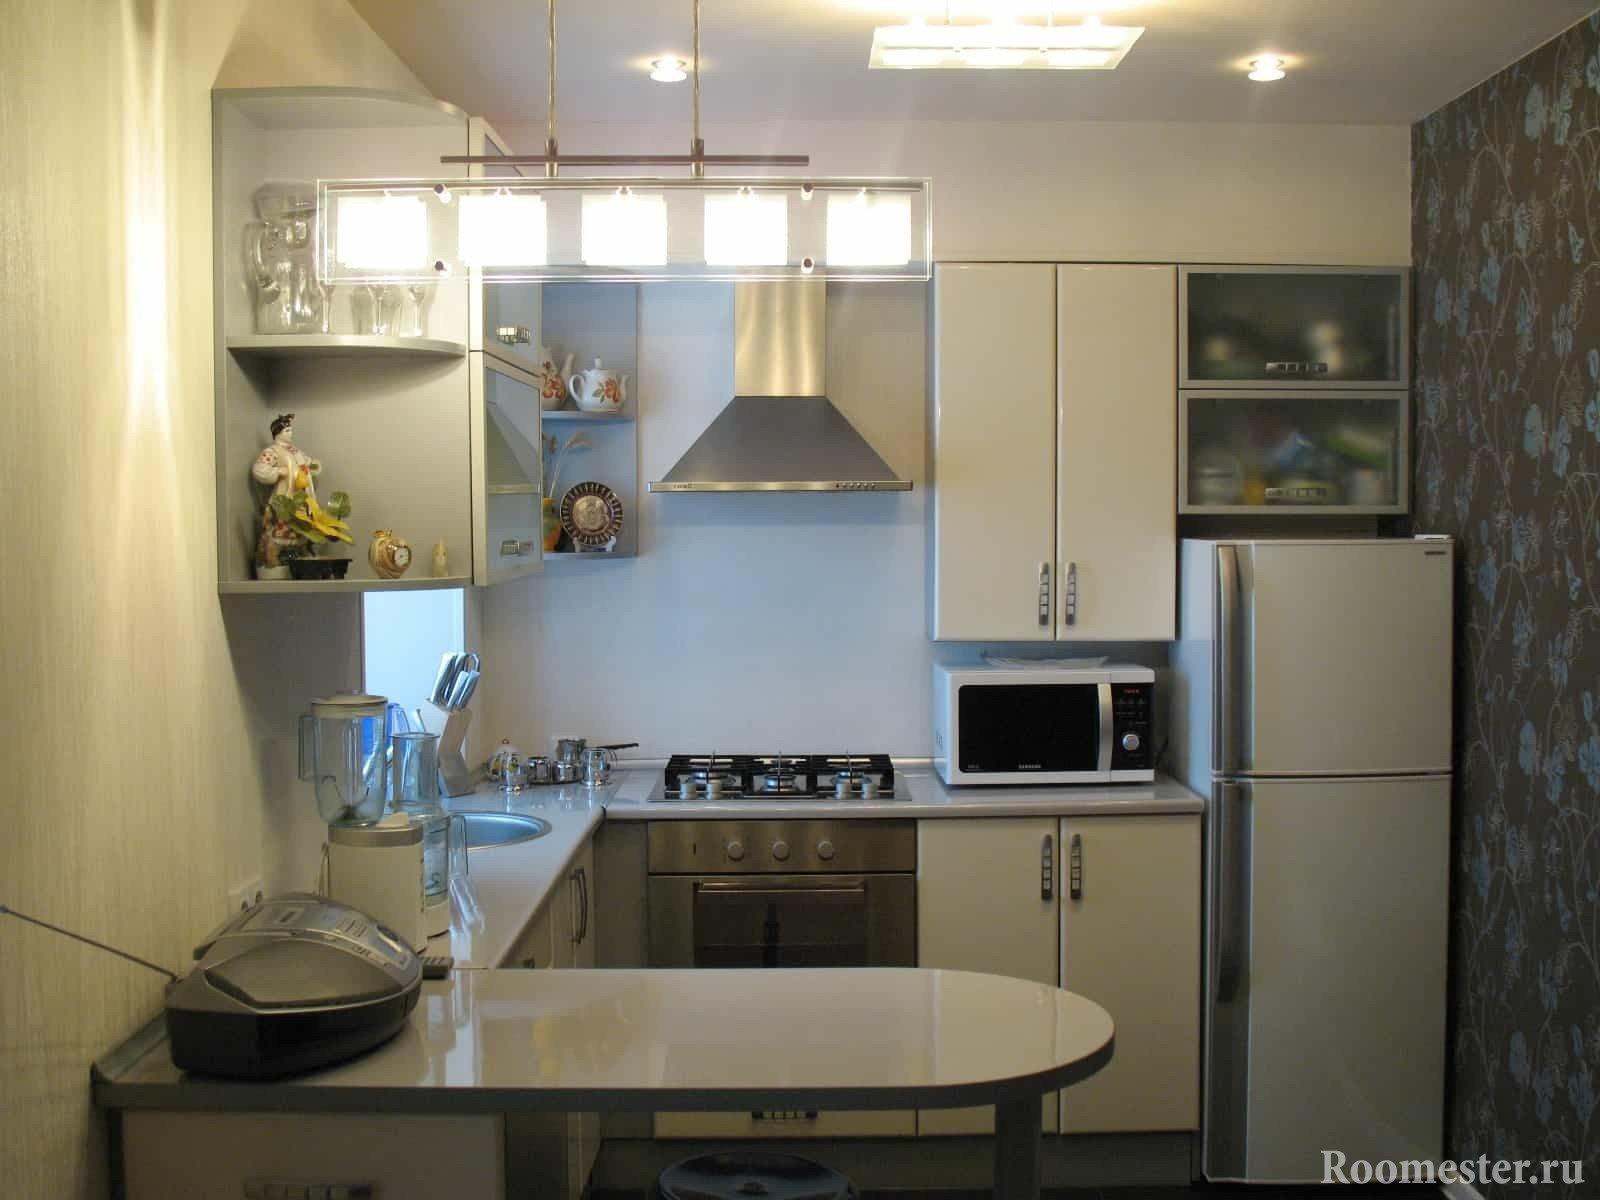 Дизайн кухни с барной стойкой вместо стола